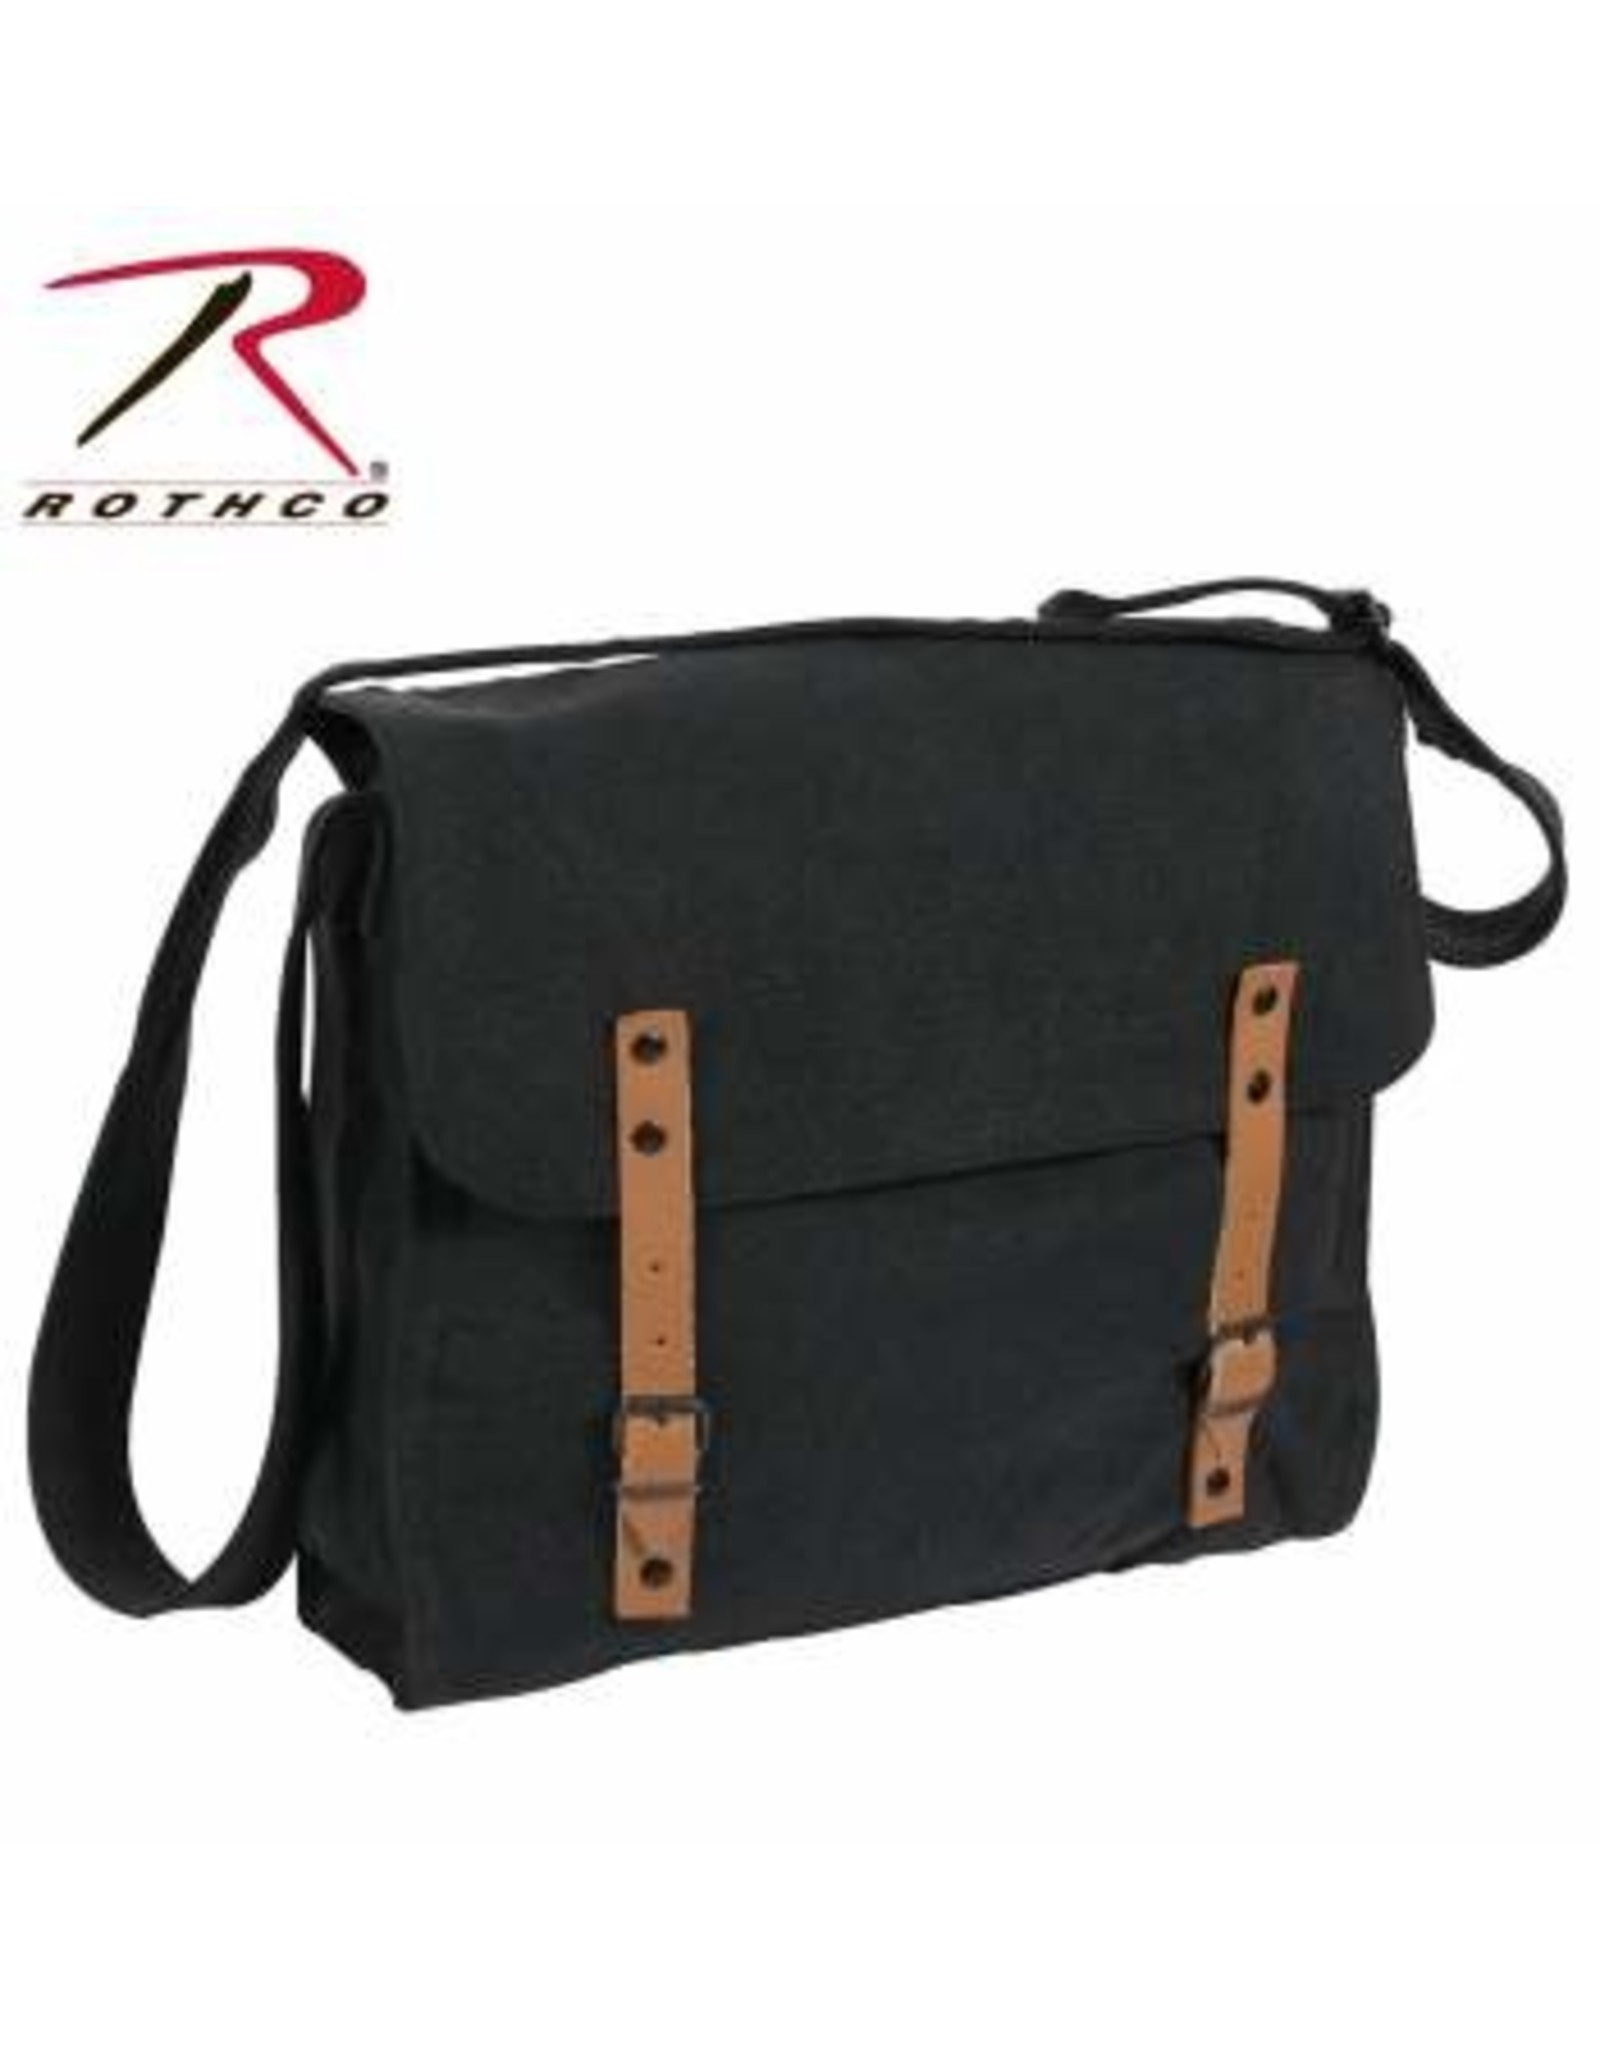 ROTHCO Rothco Vintage Medic Bag - Black